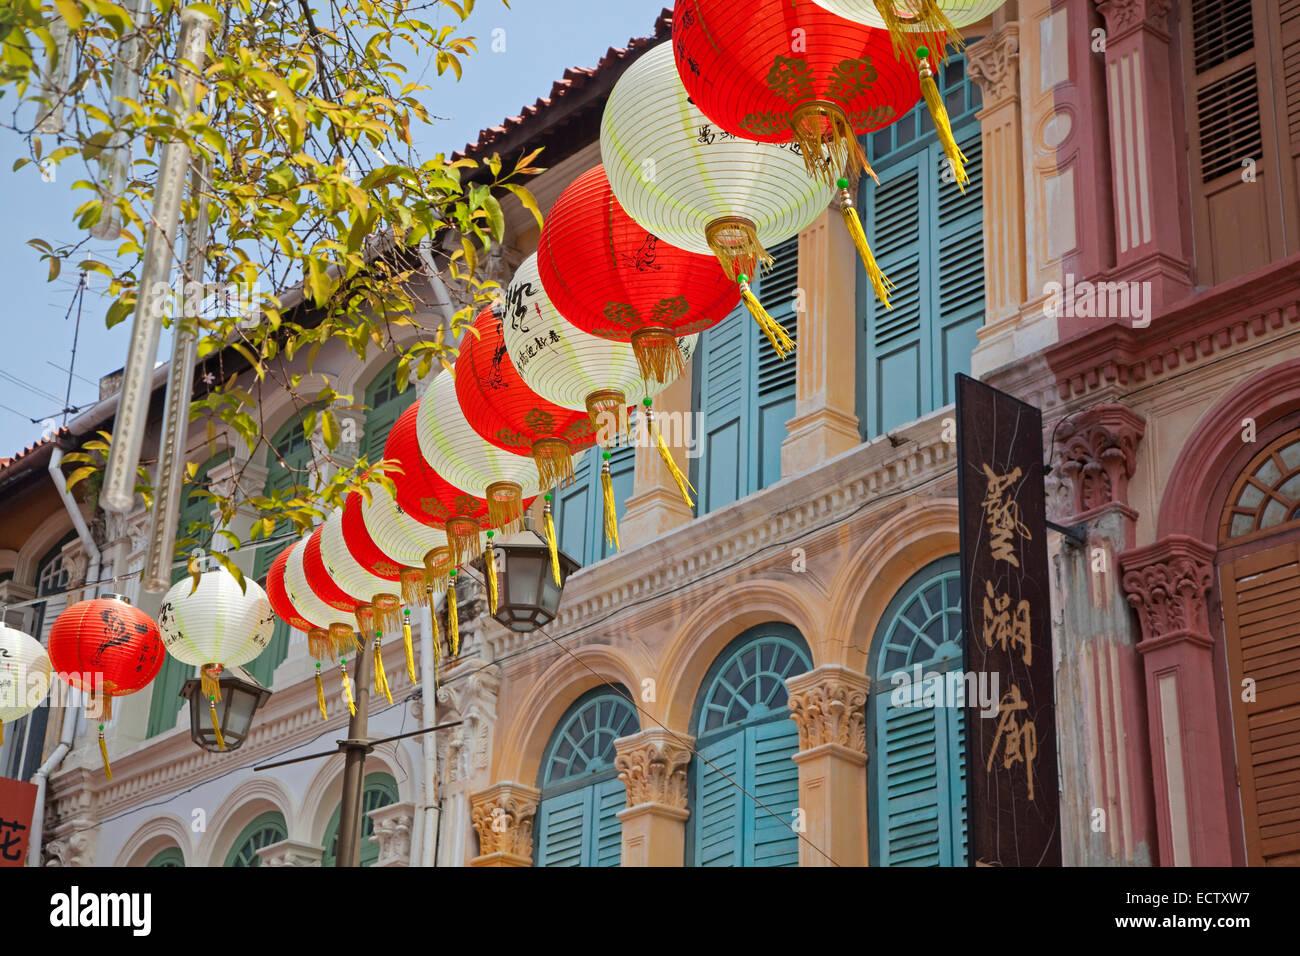 Lanternes de papier chinois colorés suspendus dans rue commerçante du quartier Chinatown de Singapour Photo Stock